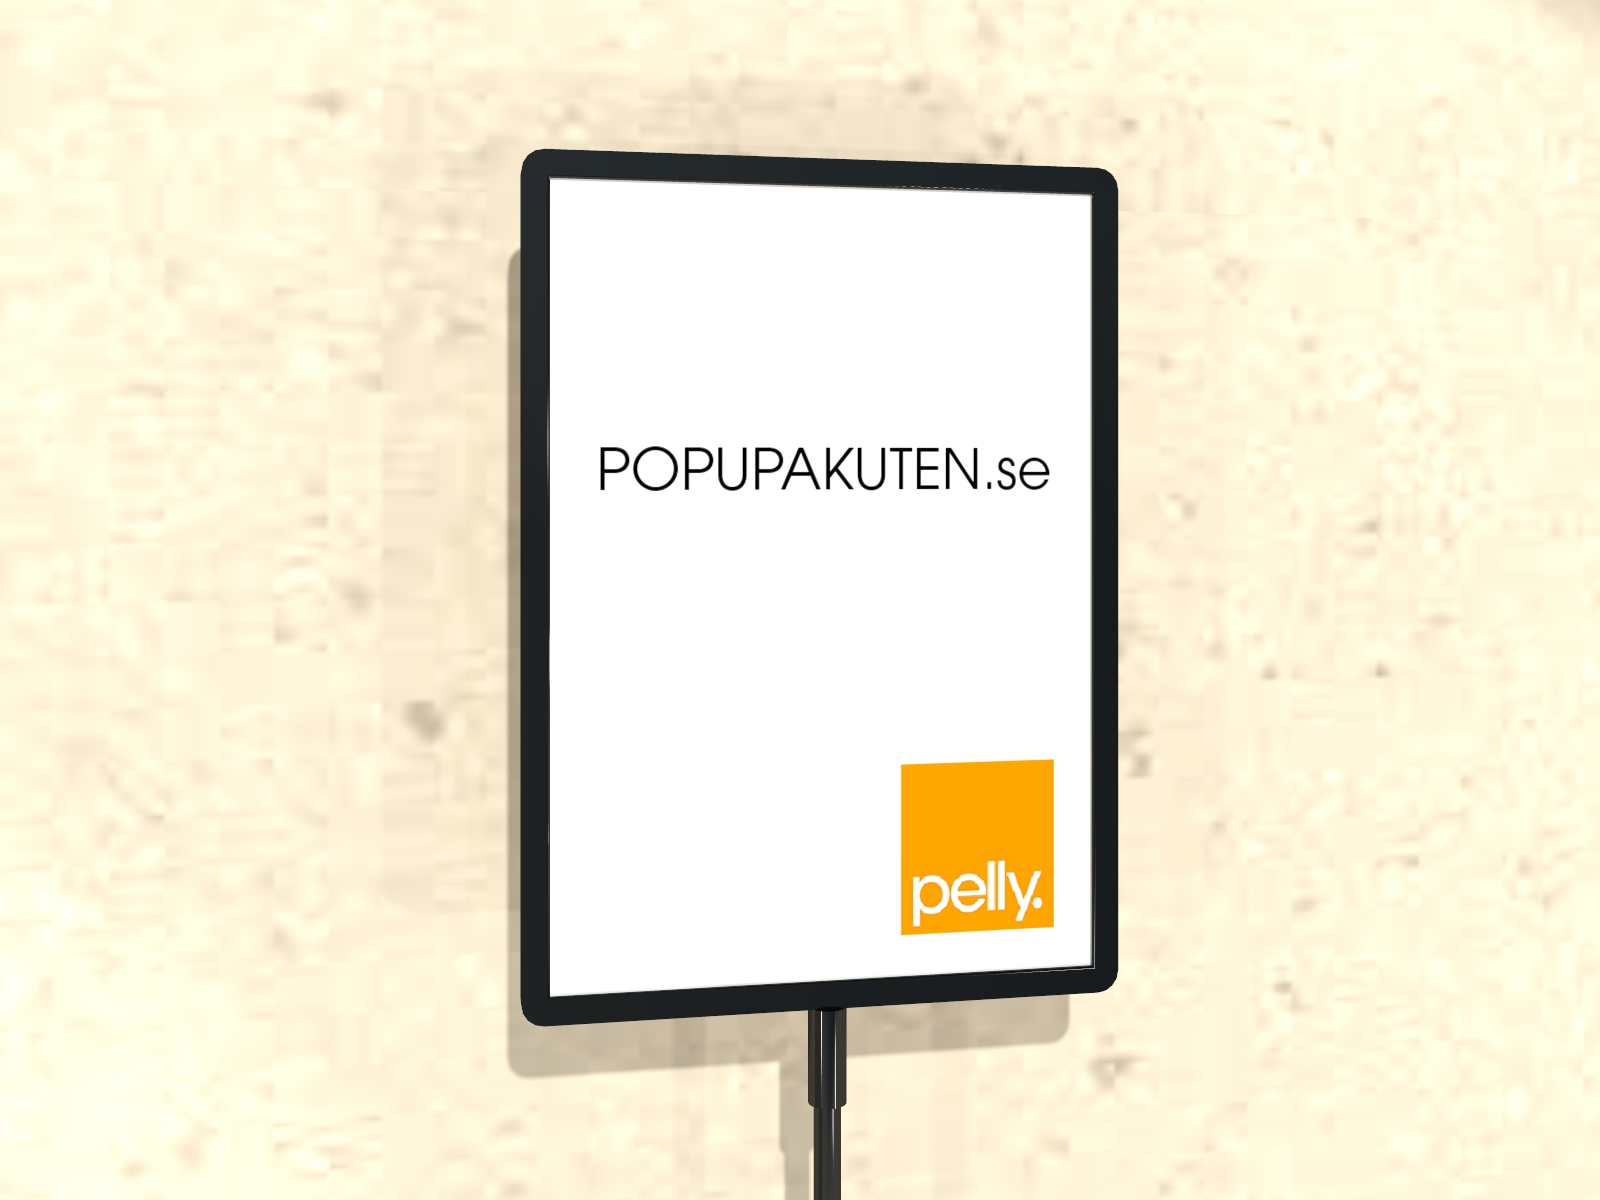 popupakuten_Profil Skylt for exporam